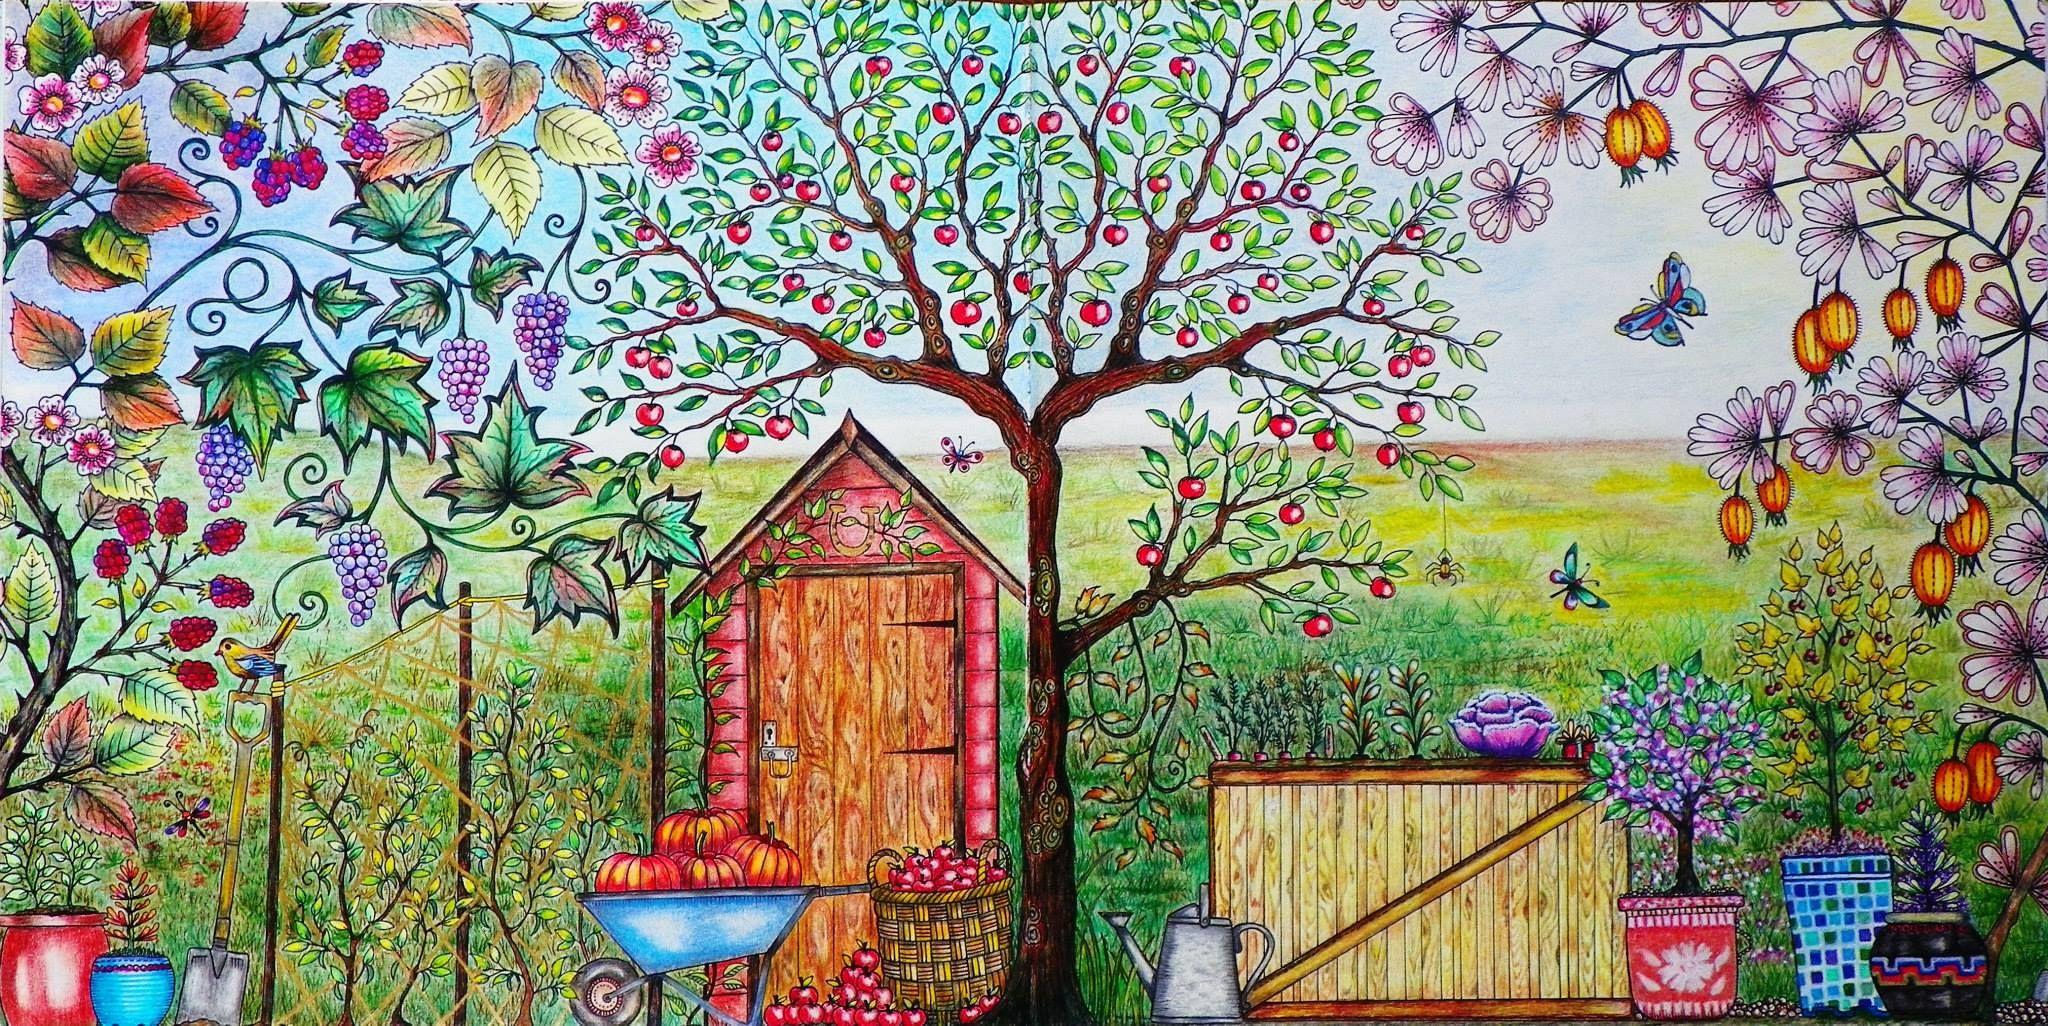 рисунок волшебный сад покажется